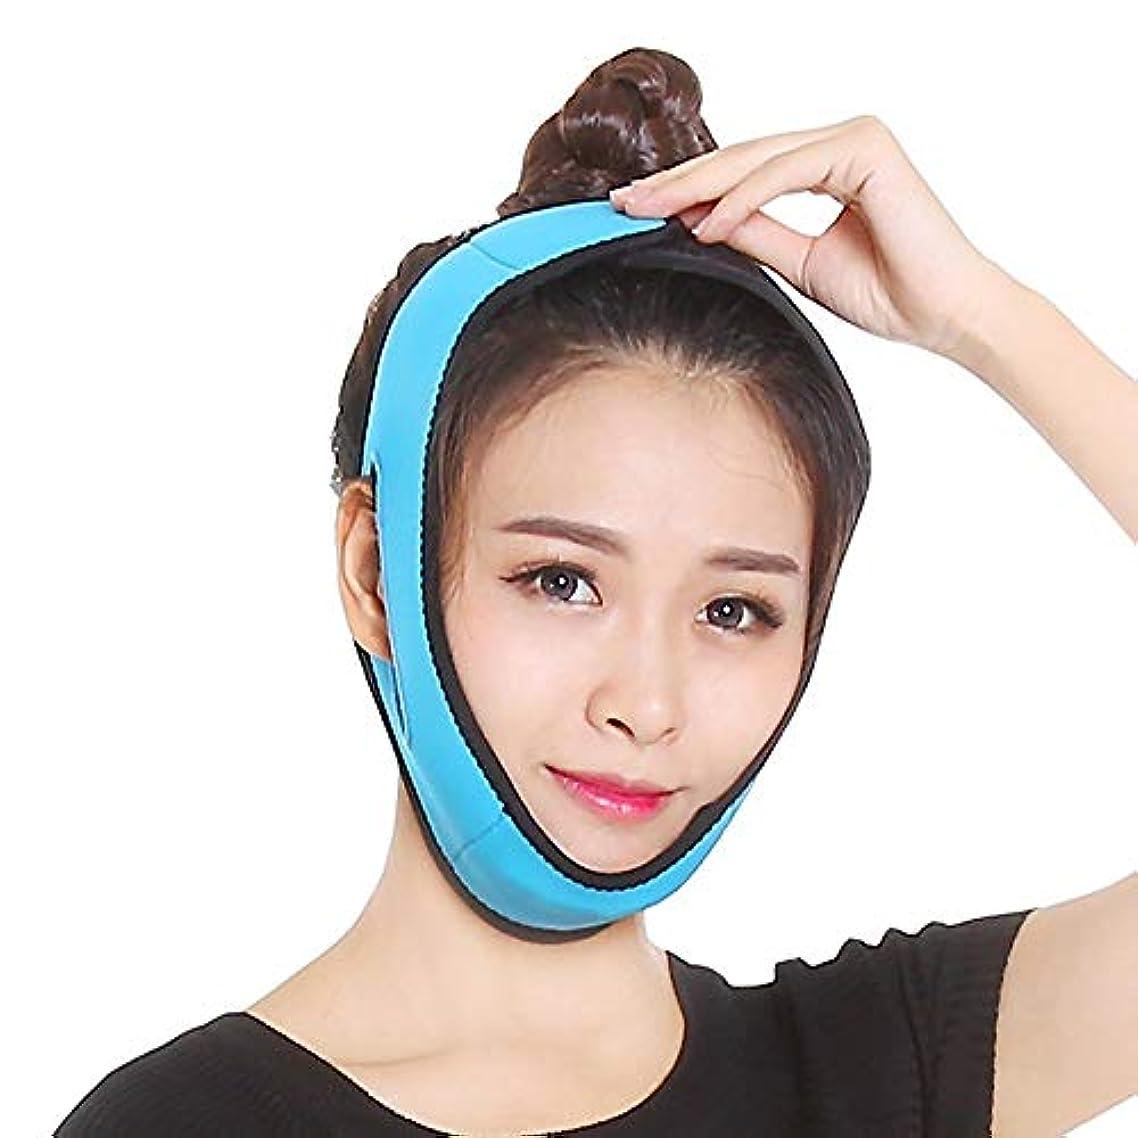 仲人小道具に沿ってXINGZHE フェイシャルリフティングスリミングベルト - 薄いフェイス包帯二重あごデバイス無料フェイシャルマッサージ整形マスクを引き締める顔と首の顔スリム フェイスリフティングベルト